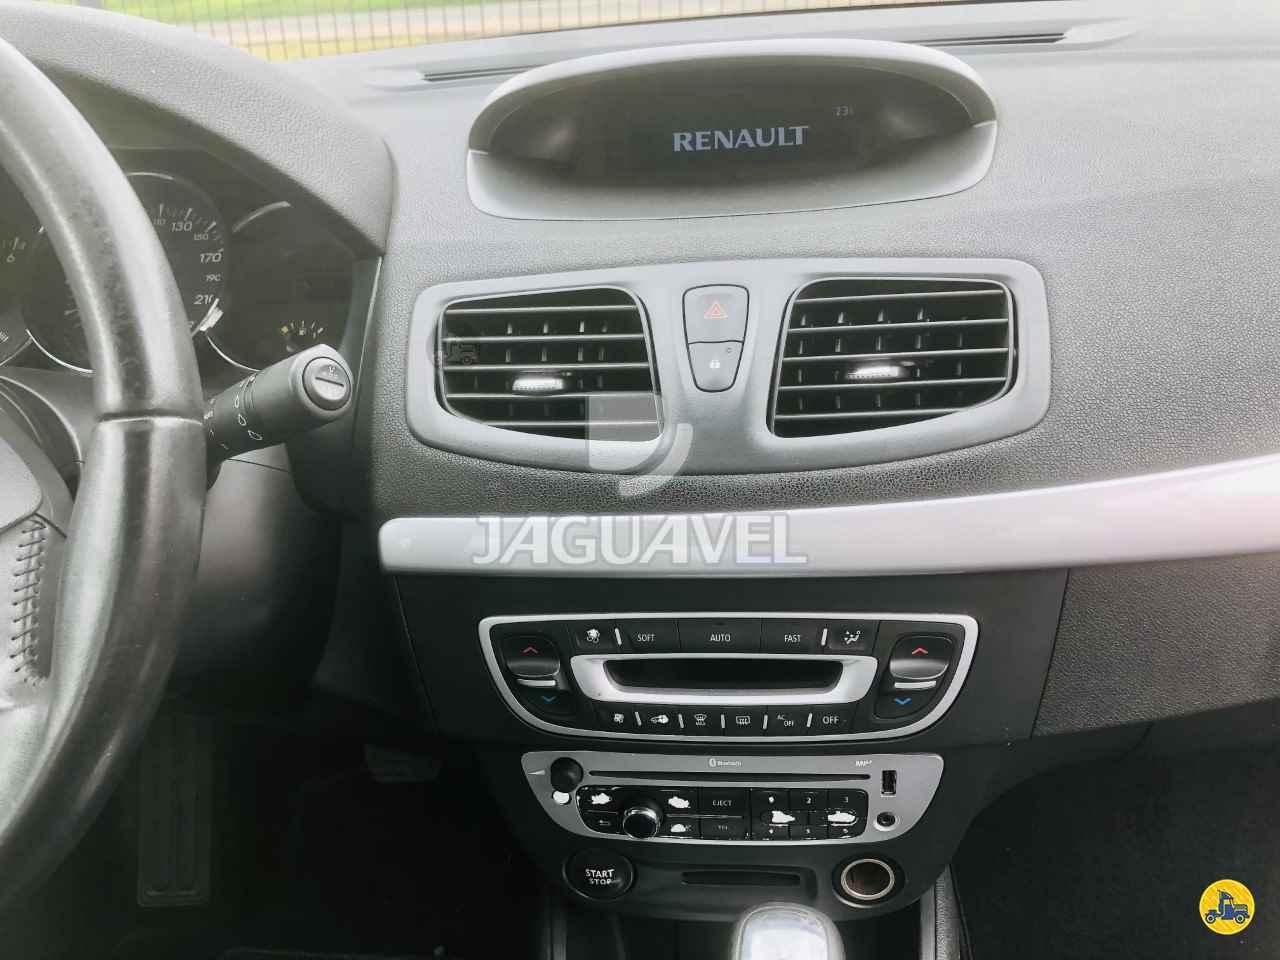 RENAULT Fluence 2.0 Dynamique 140000km 2014/2014 Jaguavel Caminhões